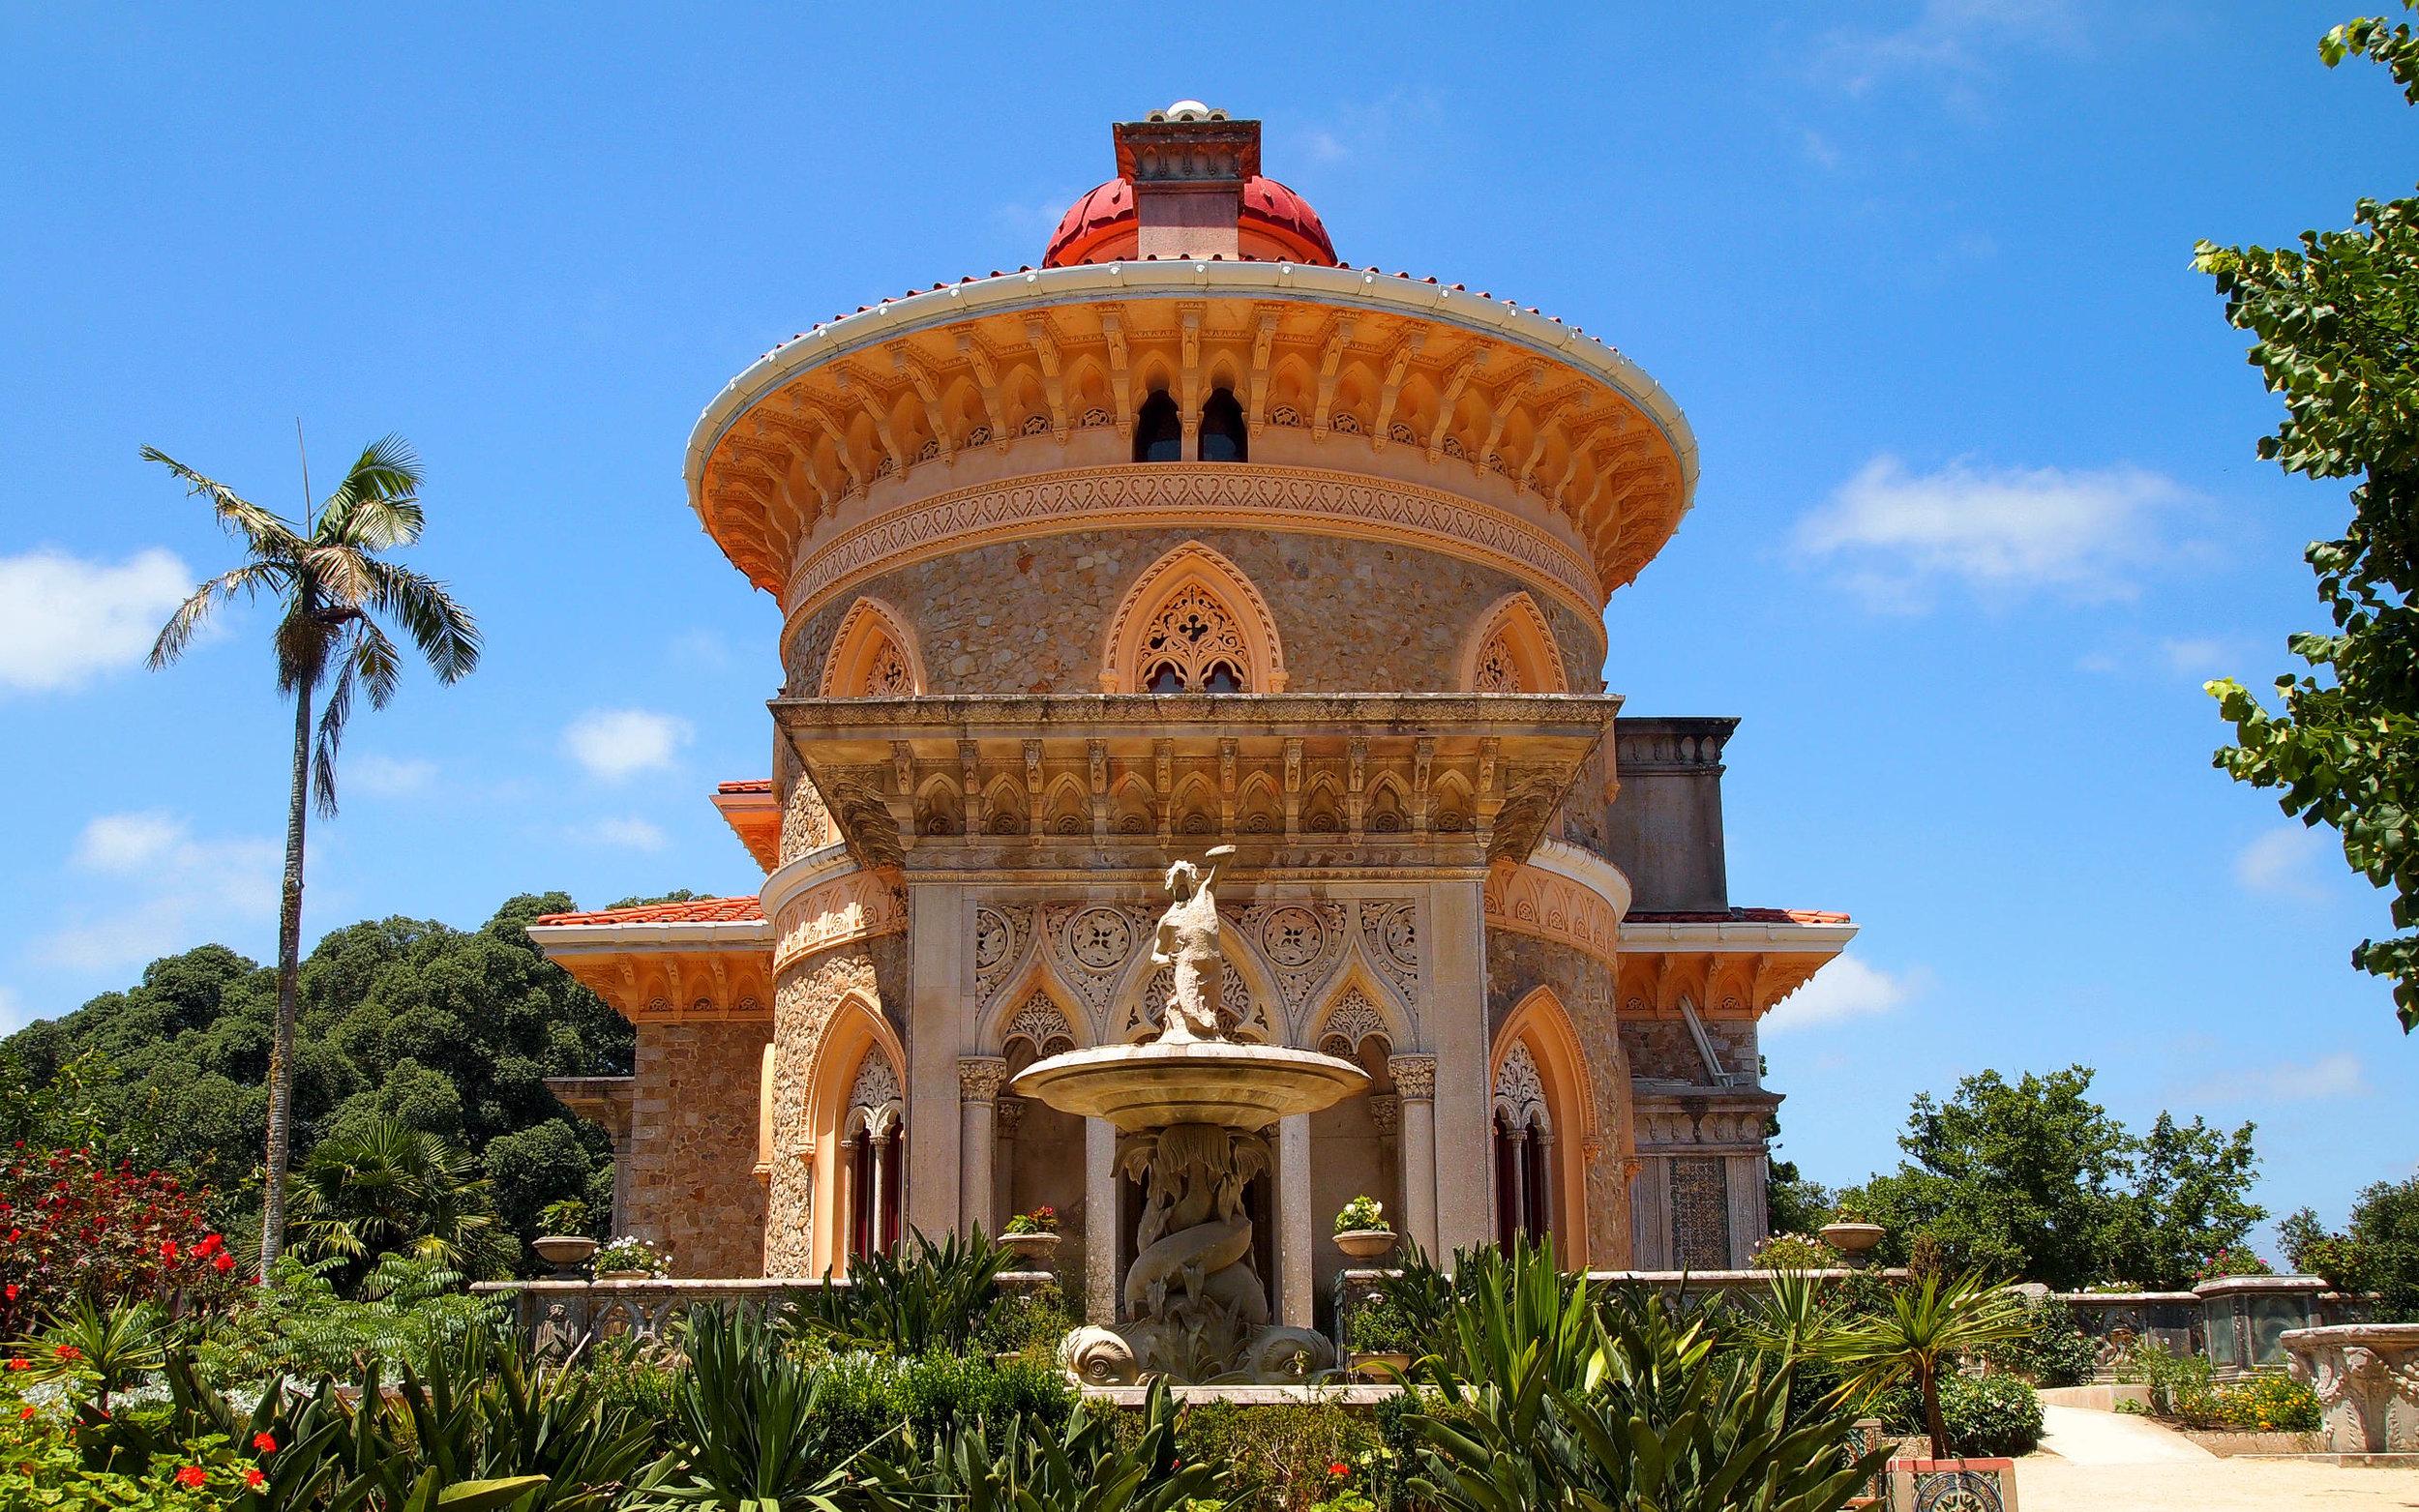 monserrate-palace-211-8x5-2560x1600.jpg